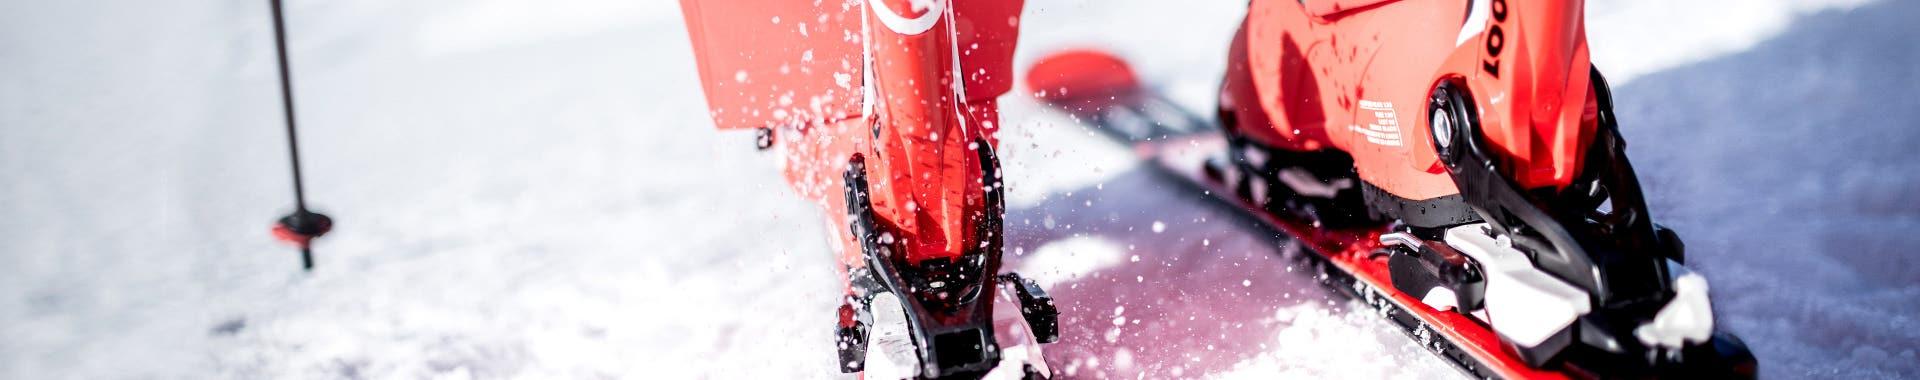 Skibindungen Look